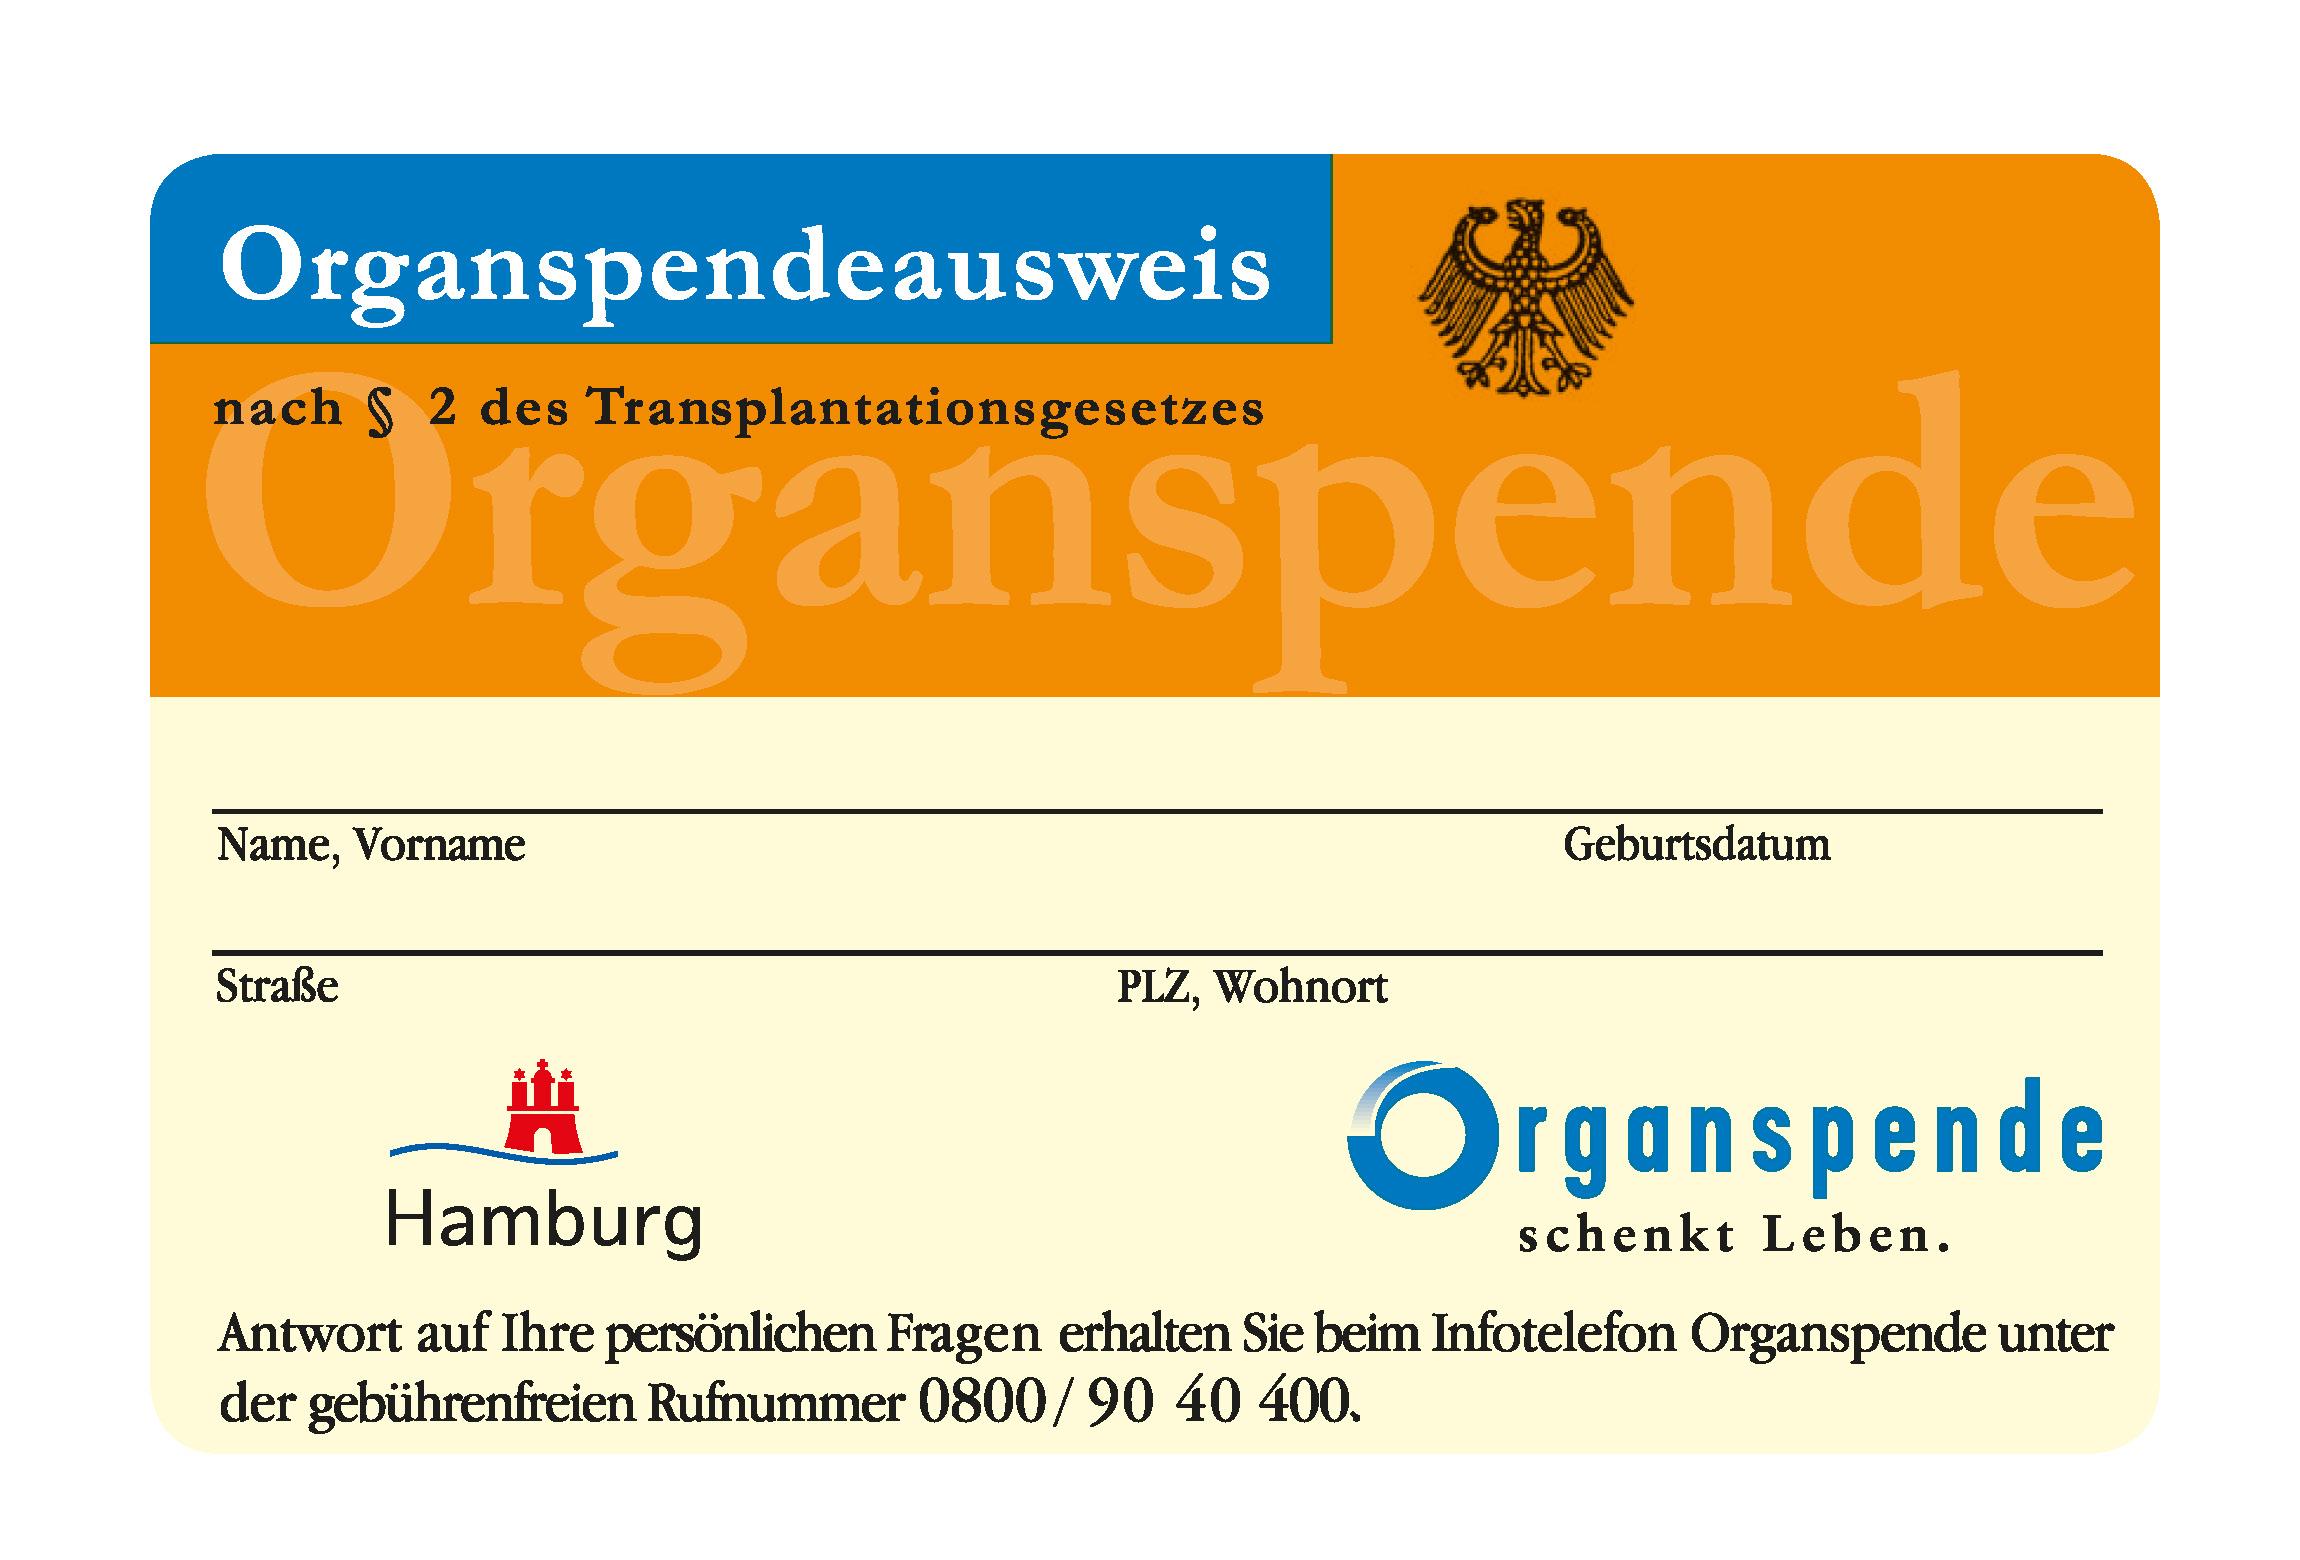 organspendeausweis karte Organspendeausweis   hamburg.de